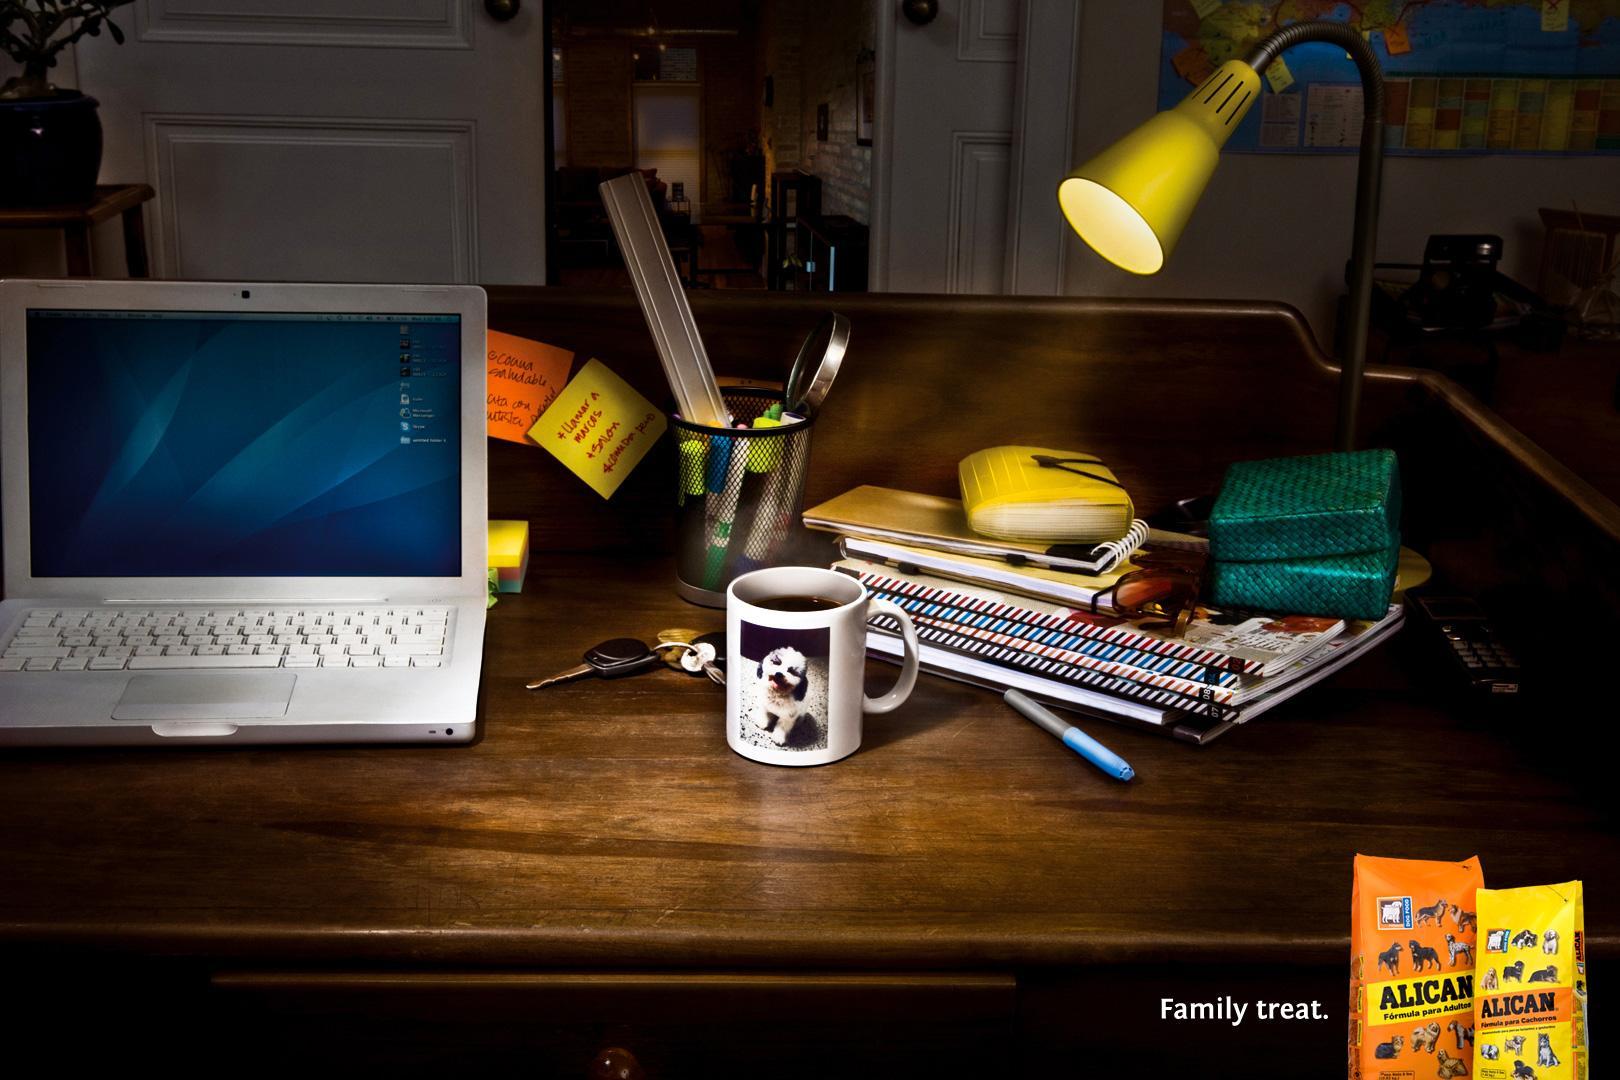 Alican Print Ad -  Family treat, Desk